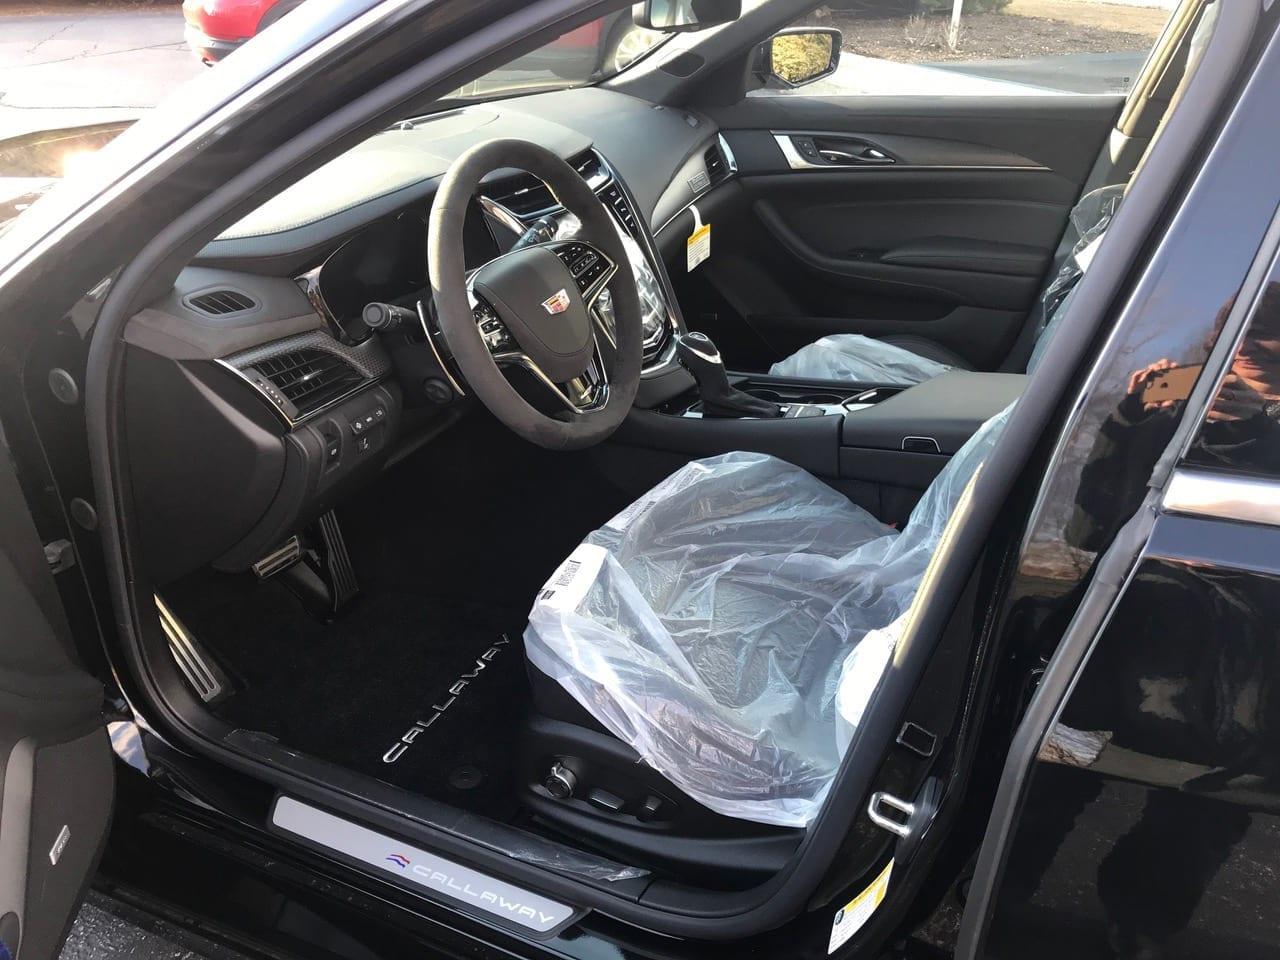 2019 Callaway CTS-V SC740 - interior